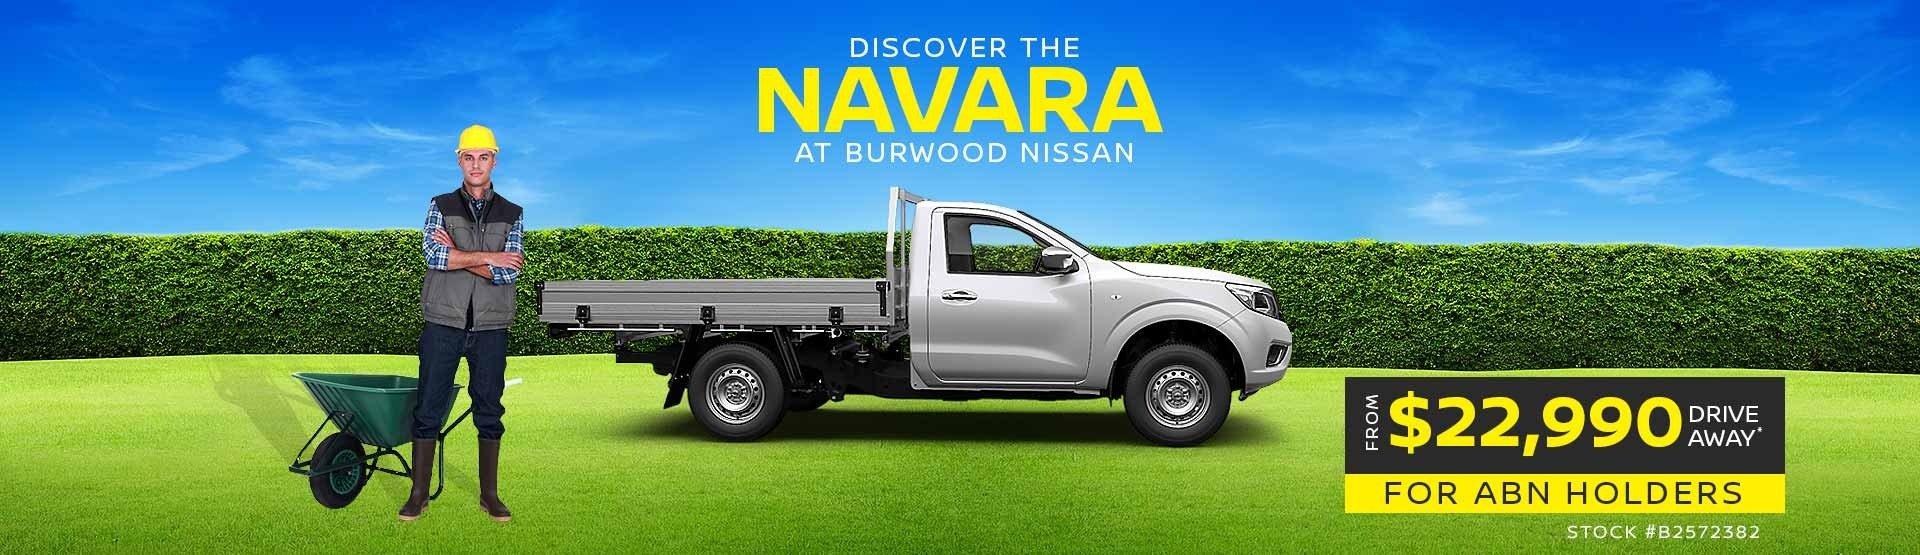 Navara Offer